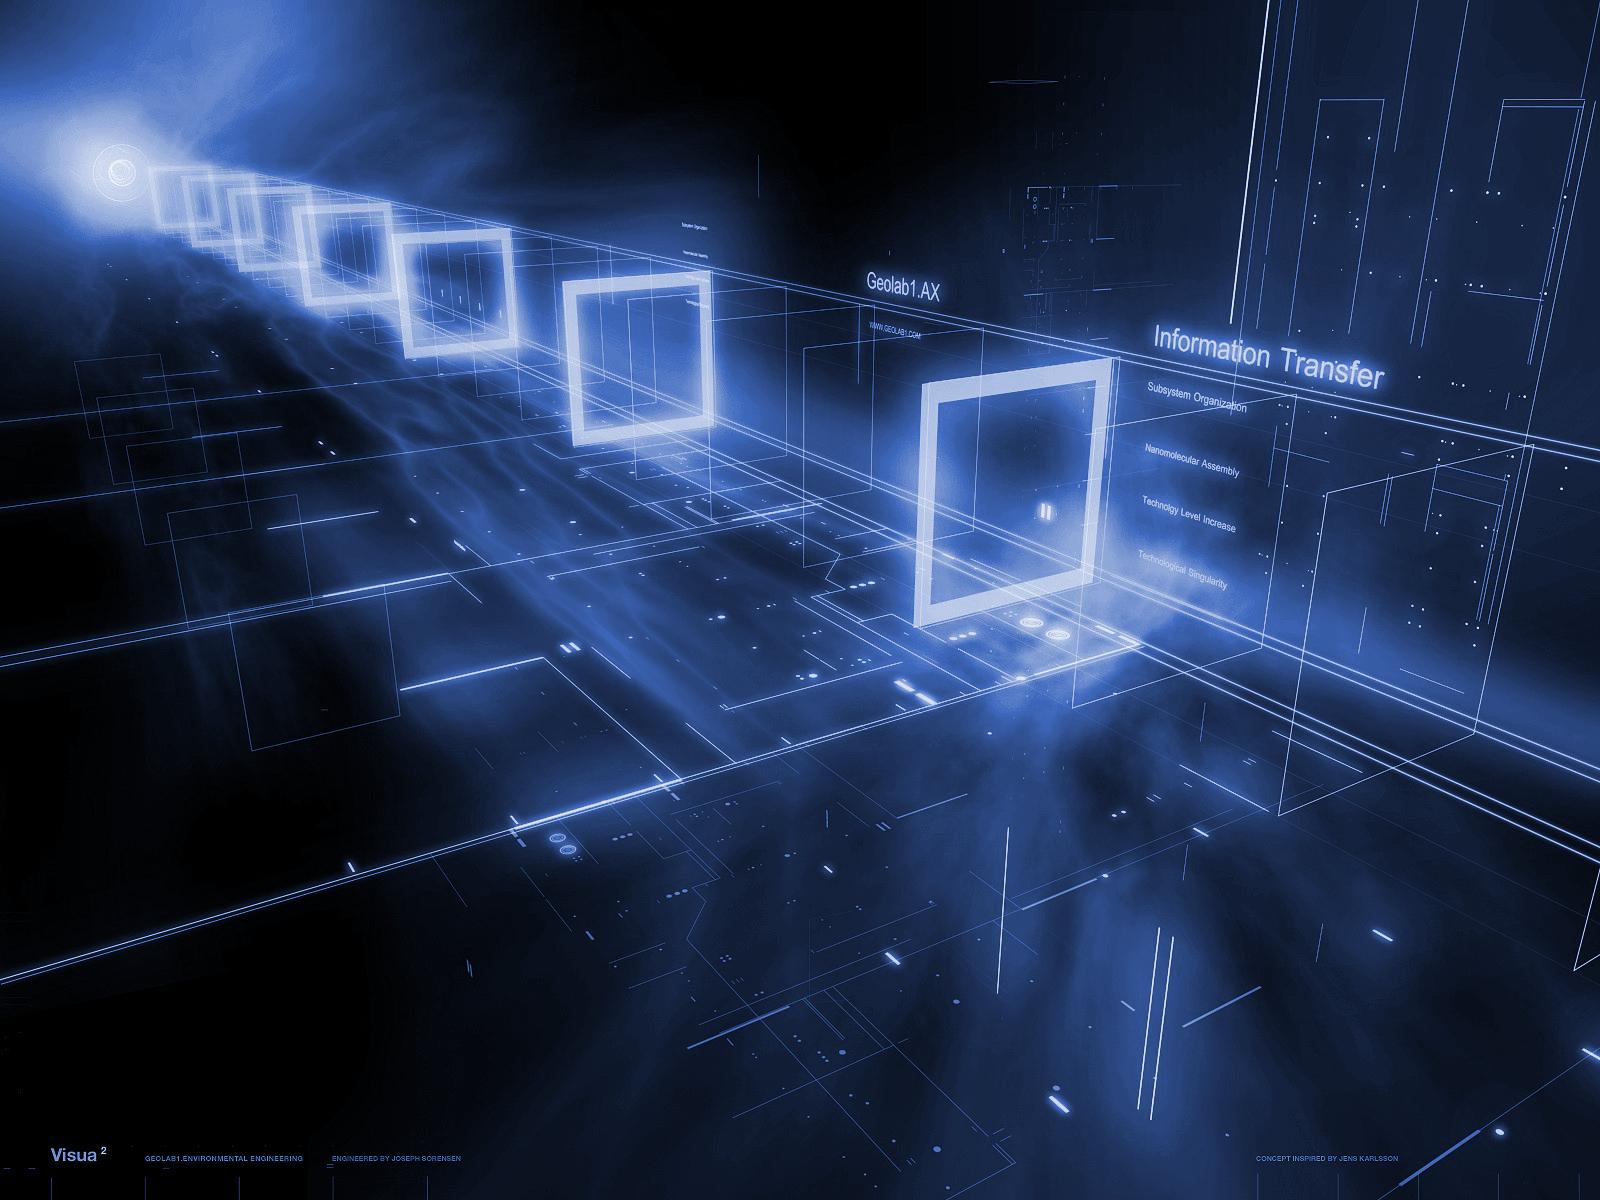 Technology Wallpaper 1jpg